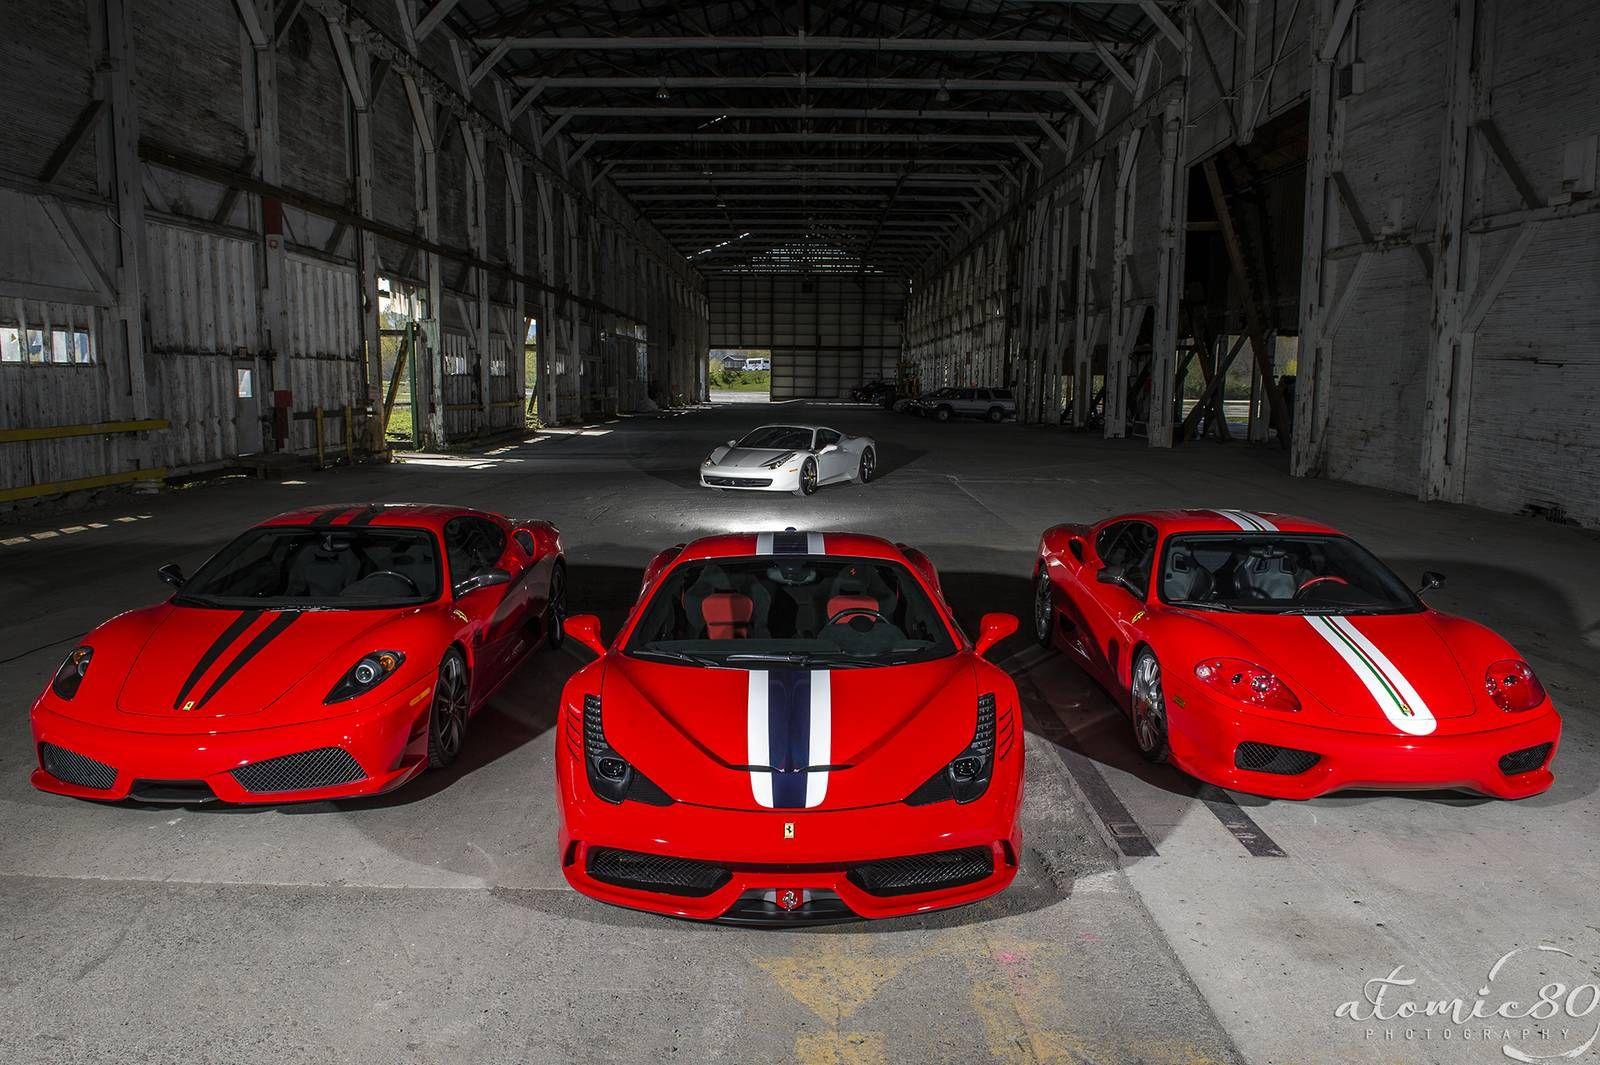 Ferrari 458 Speciale 430 Scuderia And 360 Challenge Stradale